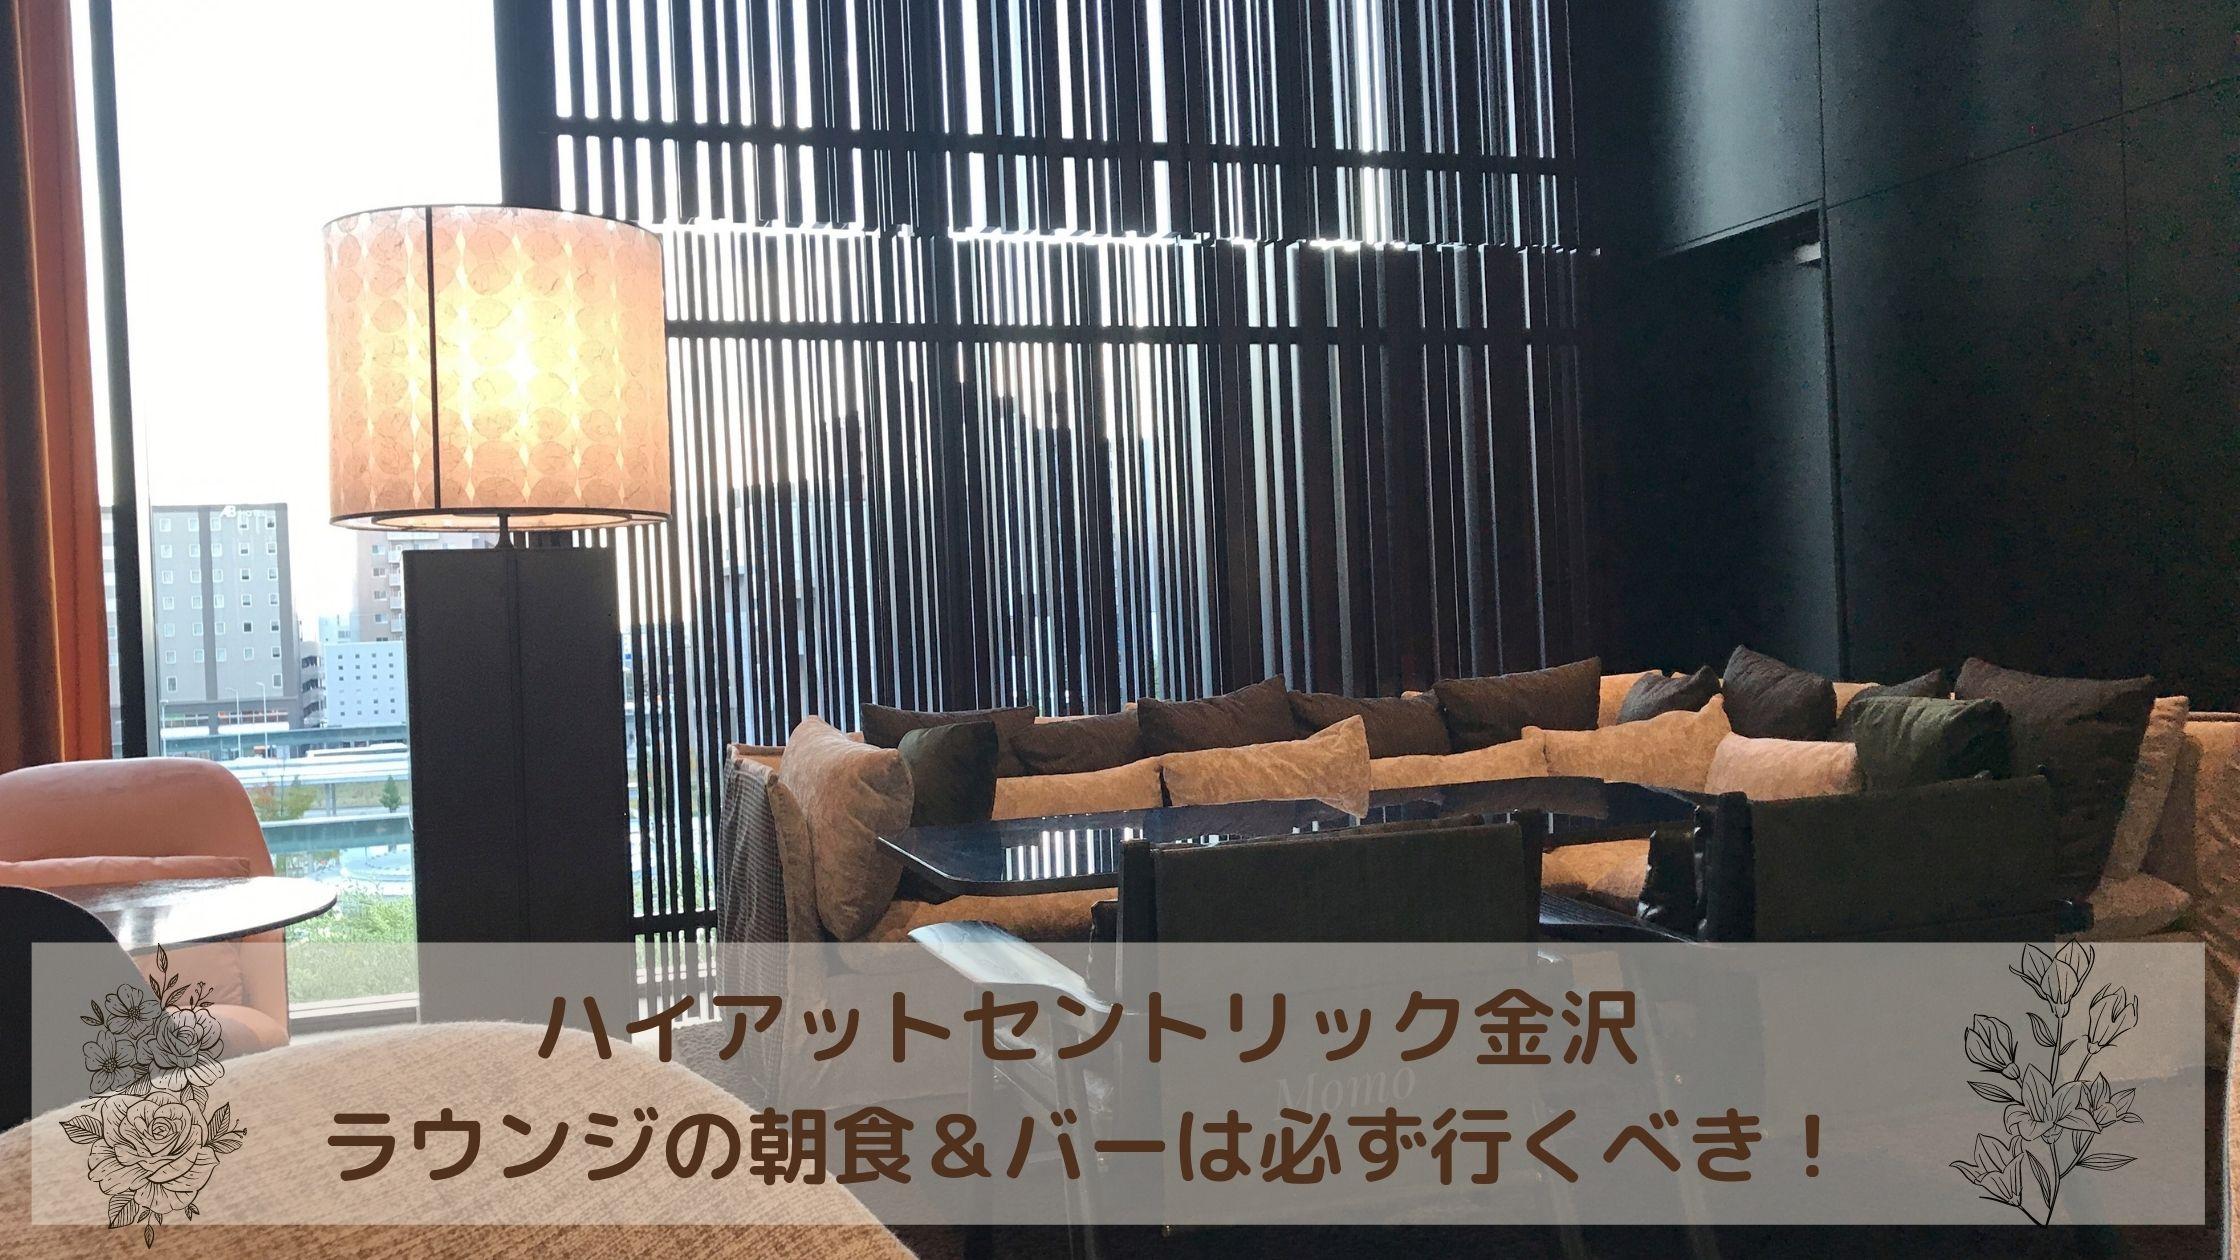 ハイアットセントリック金沢 朝食 ブログ